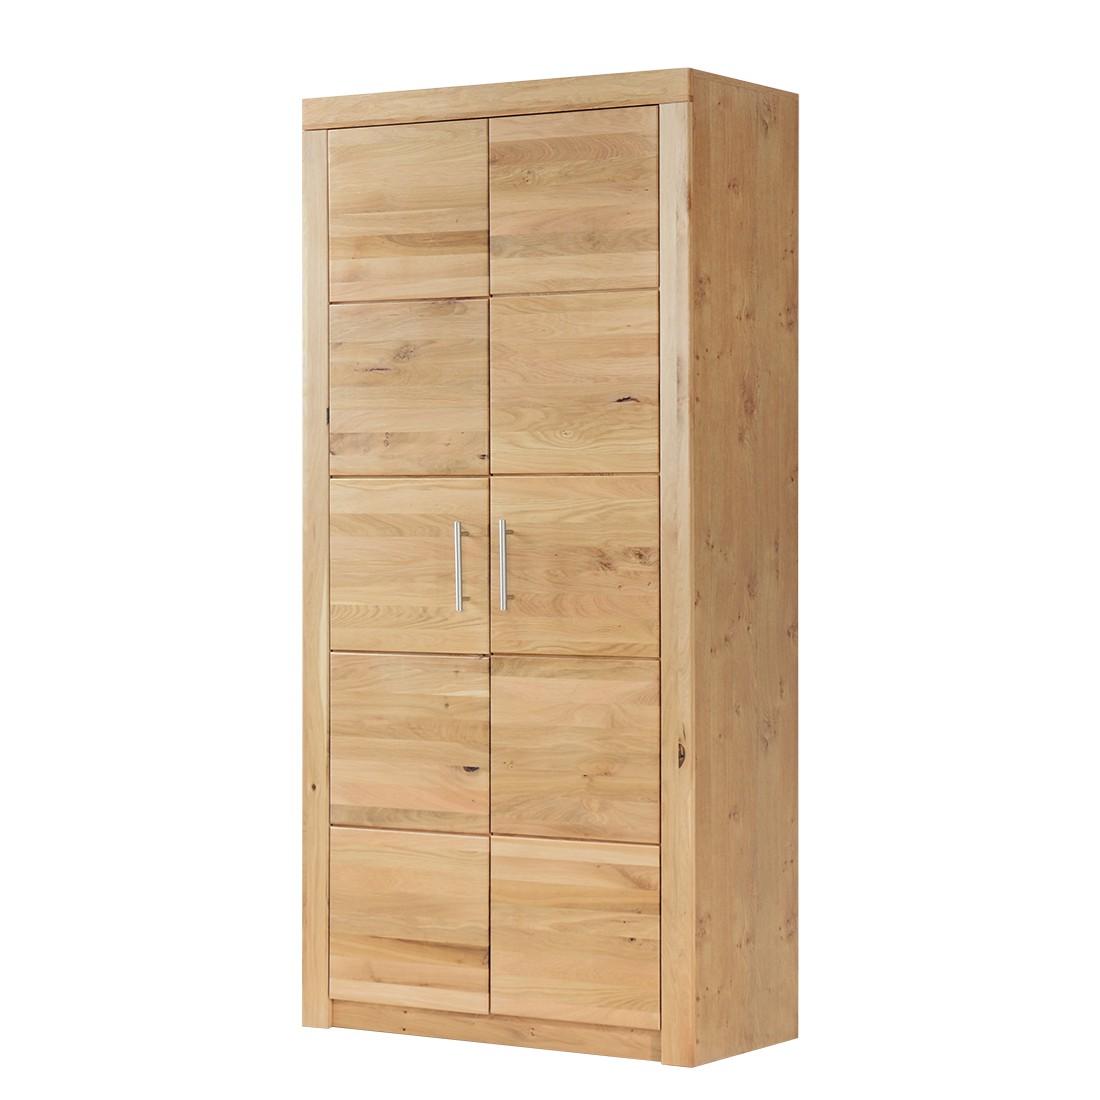 Armadio ufficio Achim II - Parzialmente in legno massello di quercia selvatica, home24 office